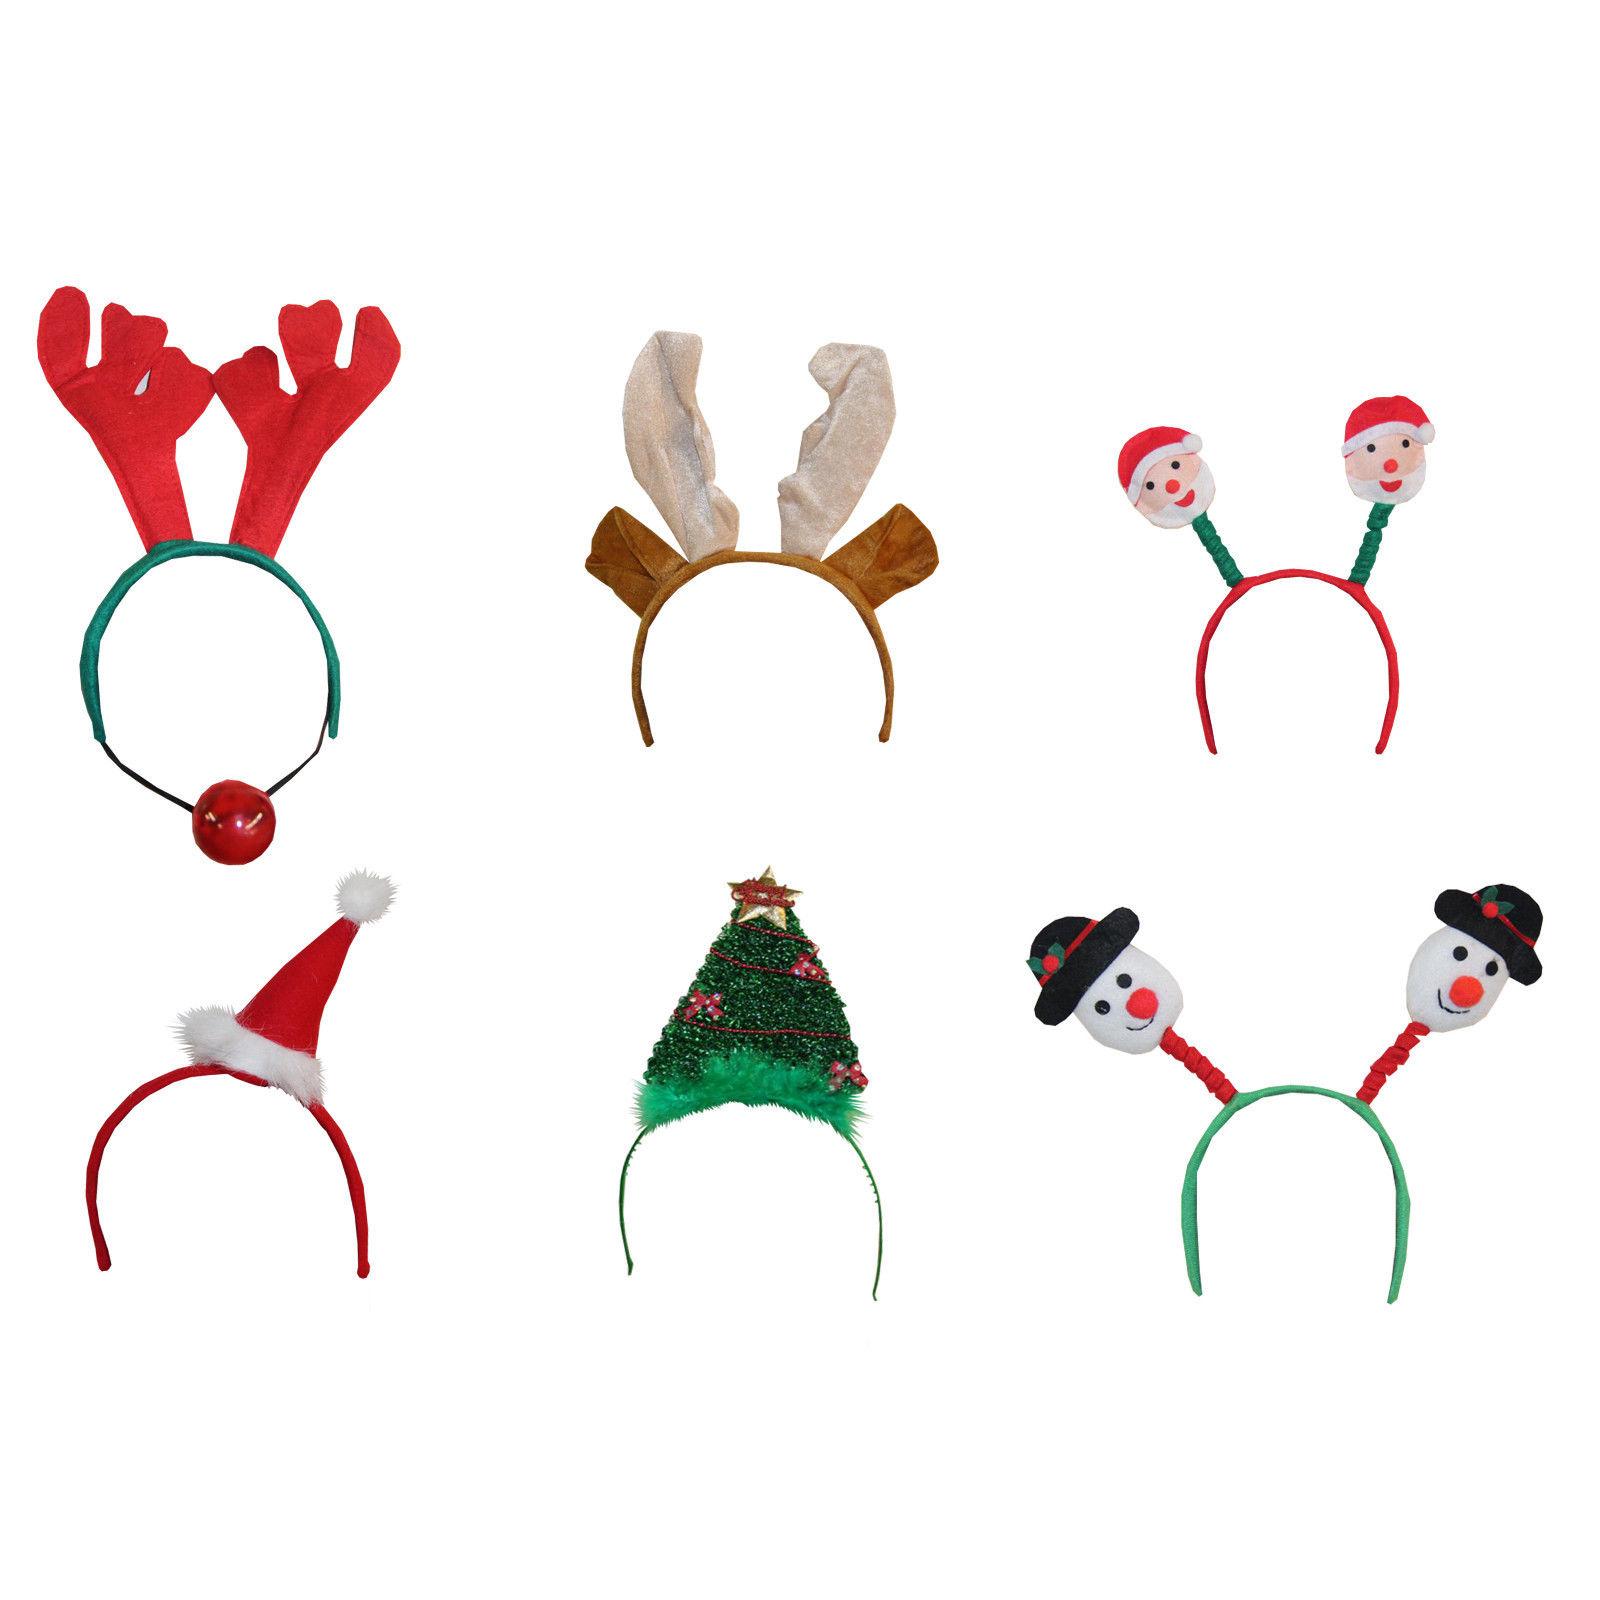 Weihnachten Kinder Erwachsene Haarreif Weihnachtsfeier Scherzartikel ...